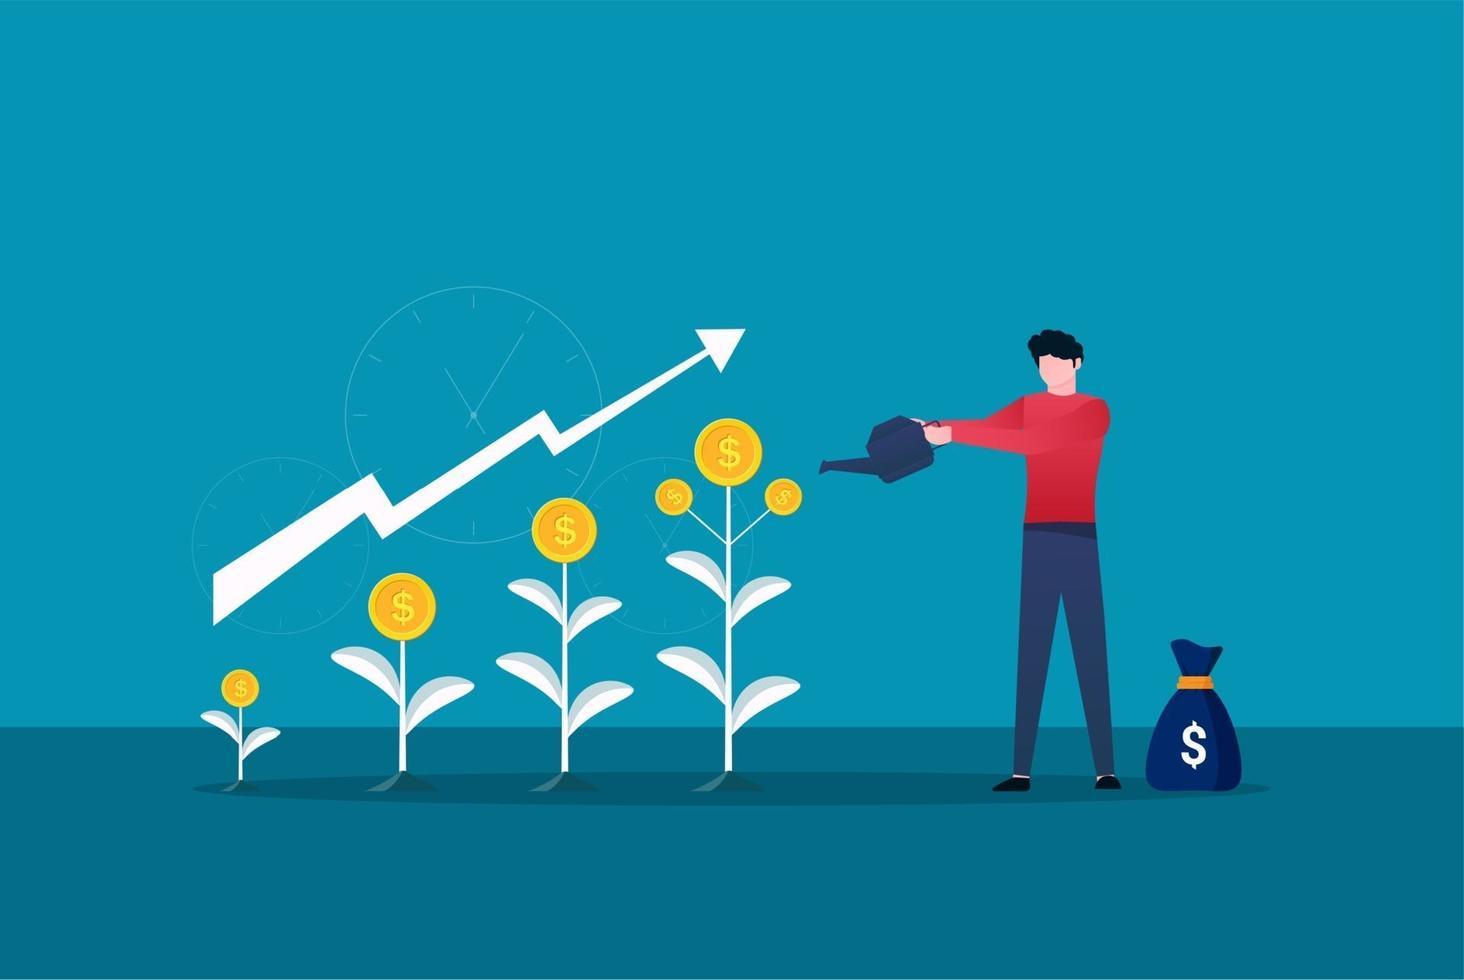 Geschäftsmann gießt Geld Baum wachsen. finanzielle Gewinnwachstum Vektor-Illustration. Kapitalrendite mit Pfeilsymbol vektor